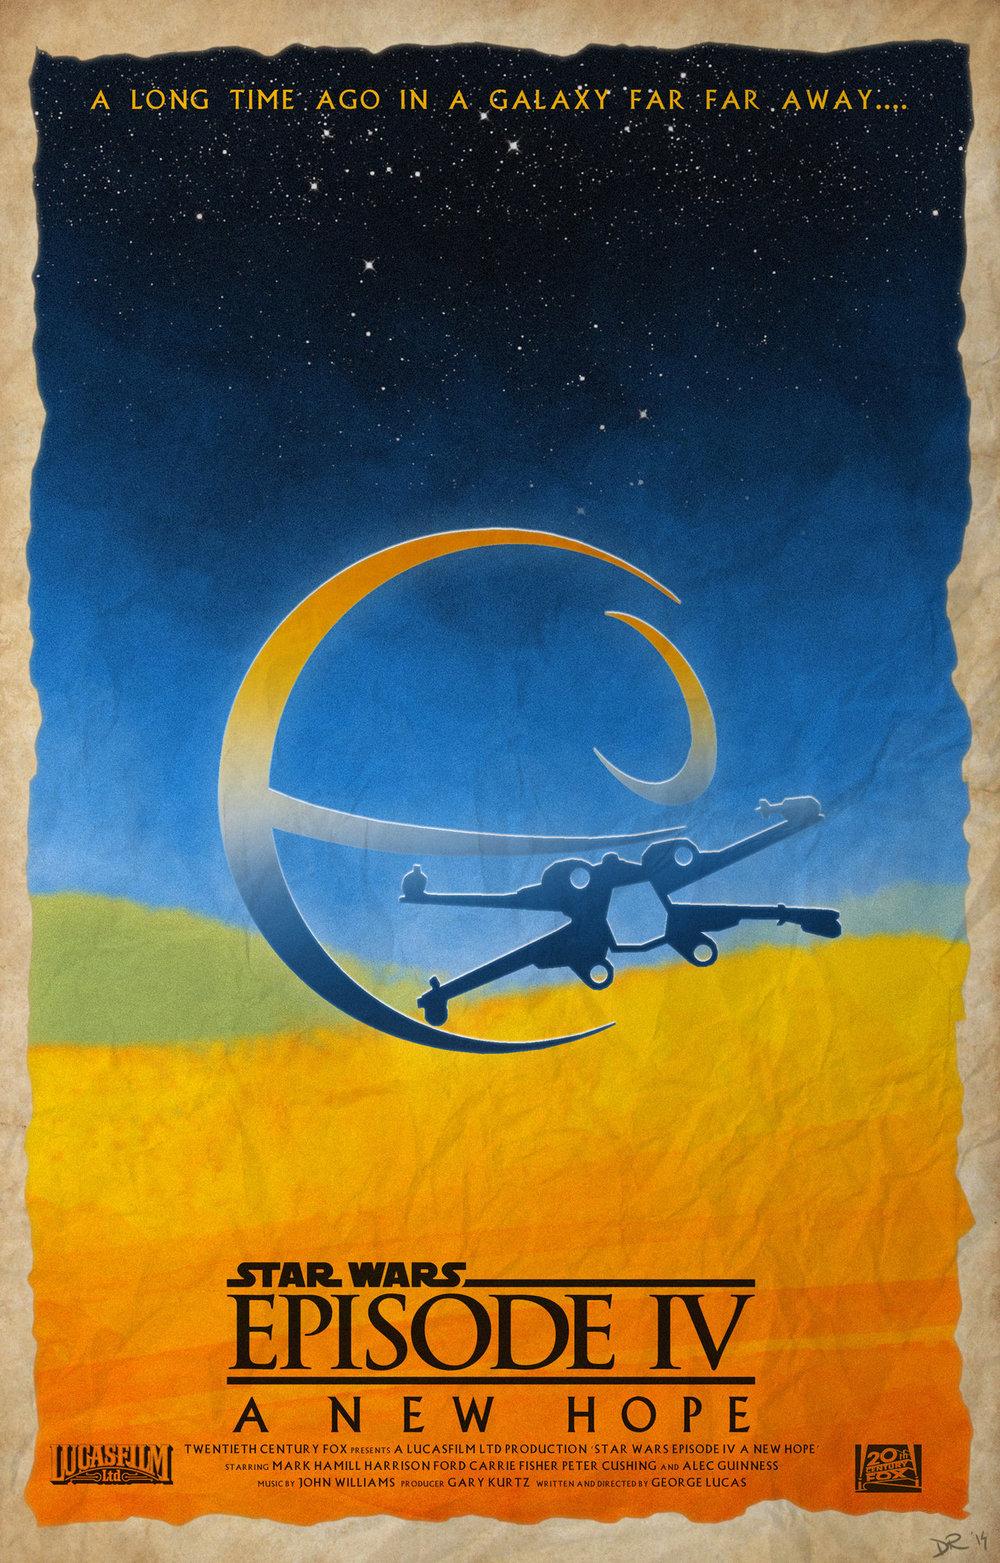 star-wars-trilogy-poster-art-by-daniele-rossini